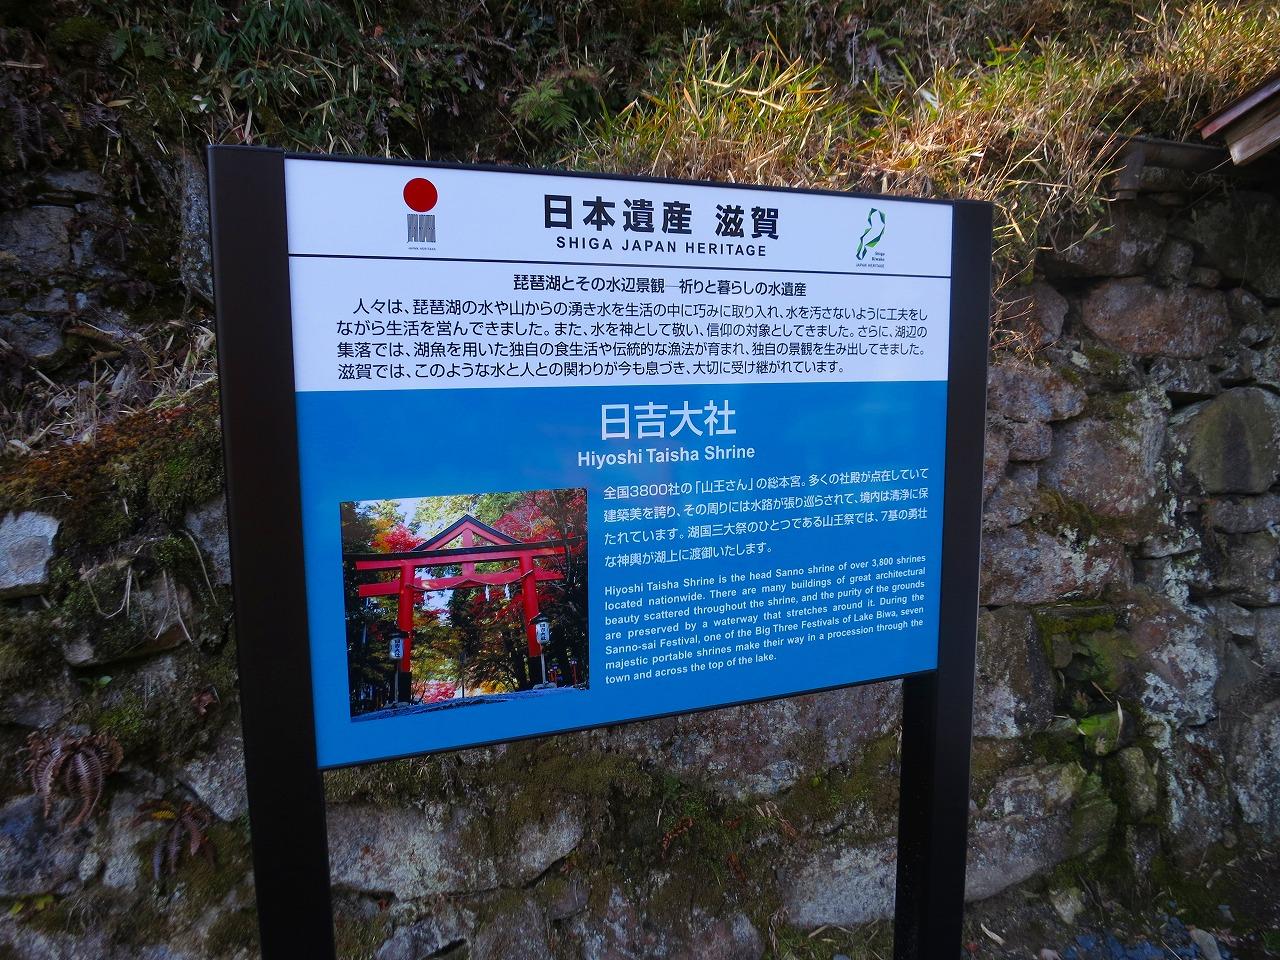 比叡山 延暦寺 20kmくらい歩いてきたのだ。